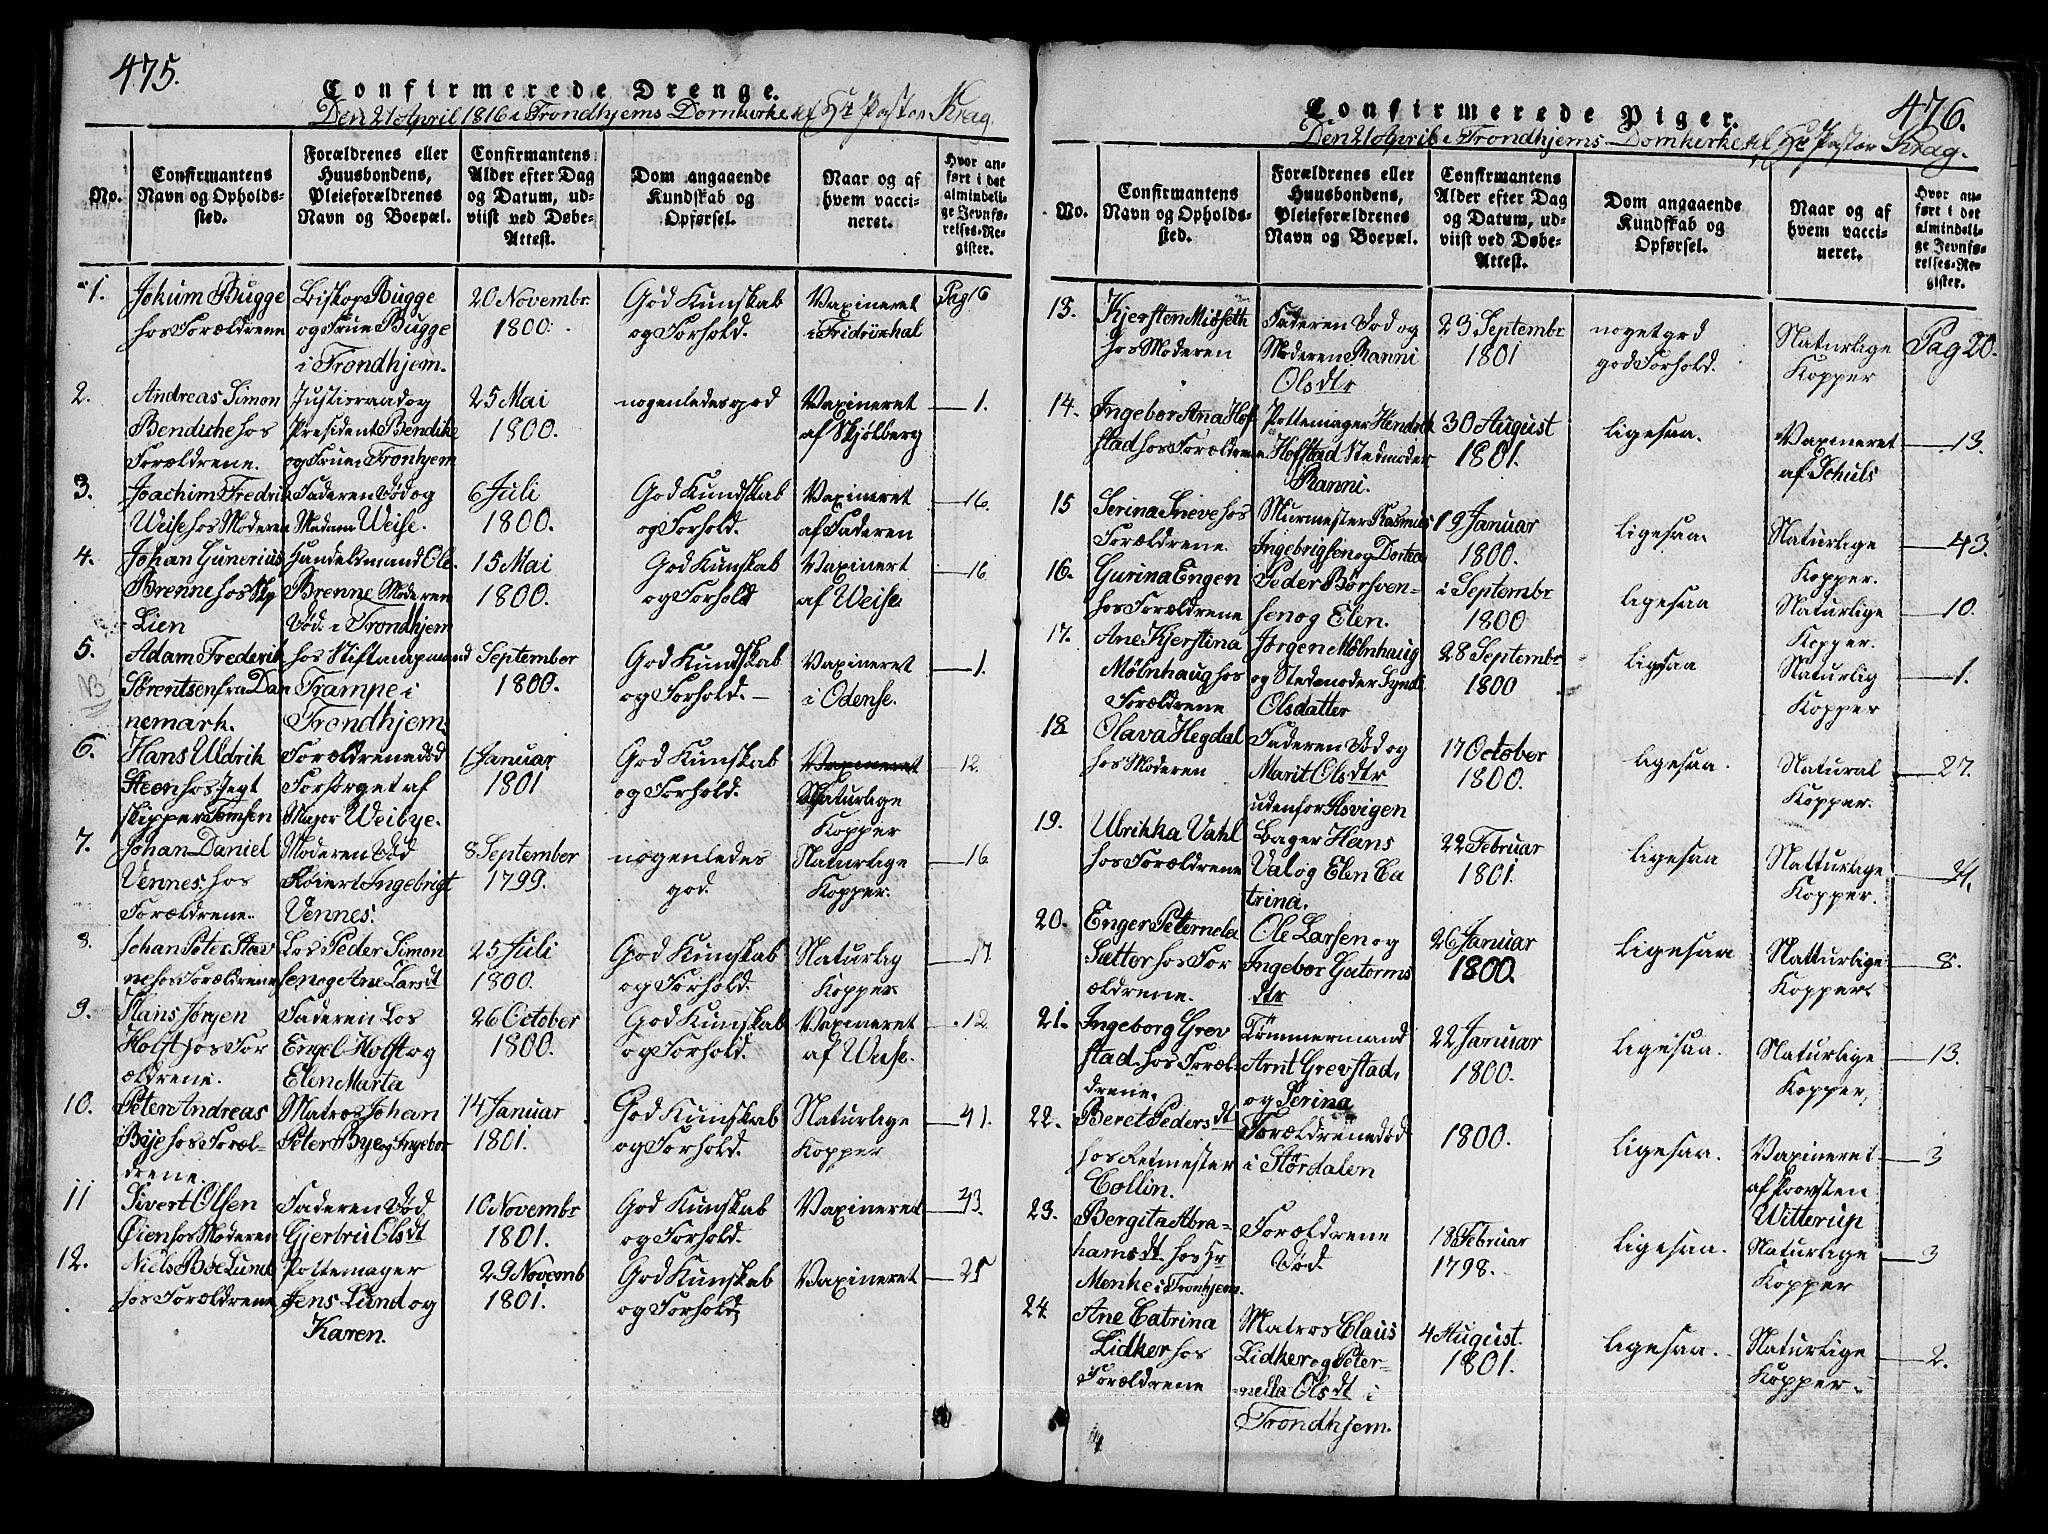 SAT, Ministerialprotokoller, klokkerbøker og fødselsregistre - Sør-Trøndelag, 601/L0043: Ministerialbok nr. 601A11, 1815-1821, s. 475-476